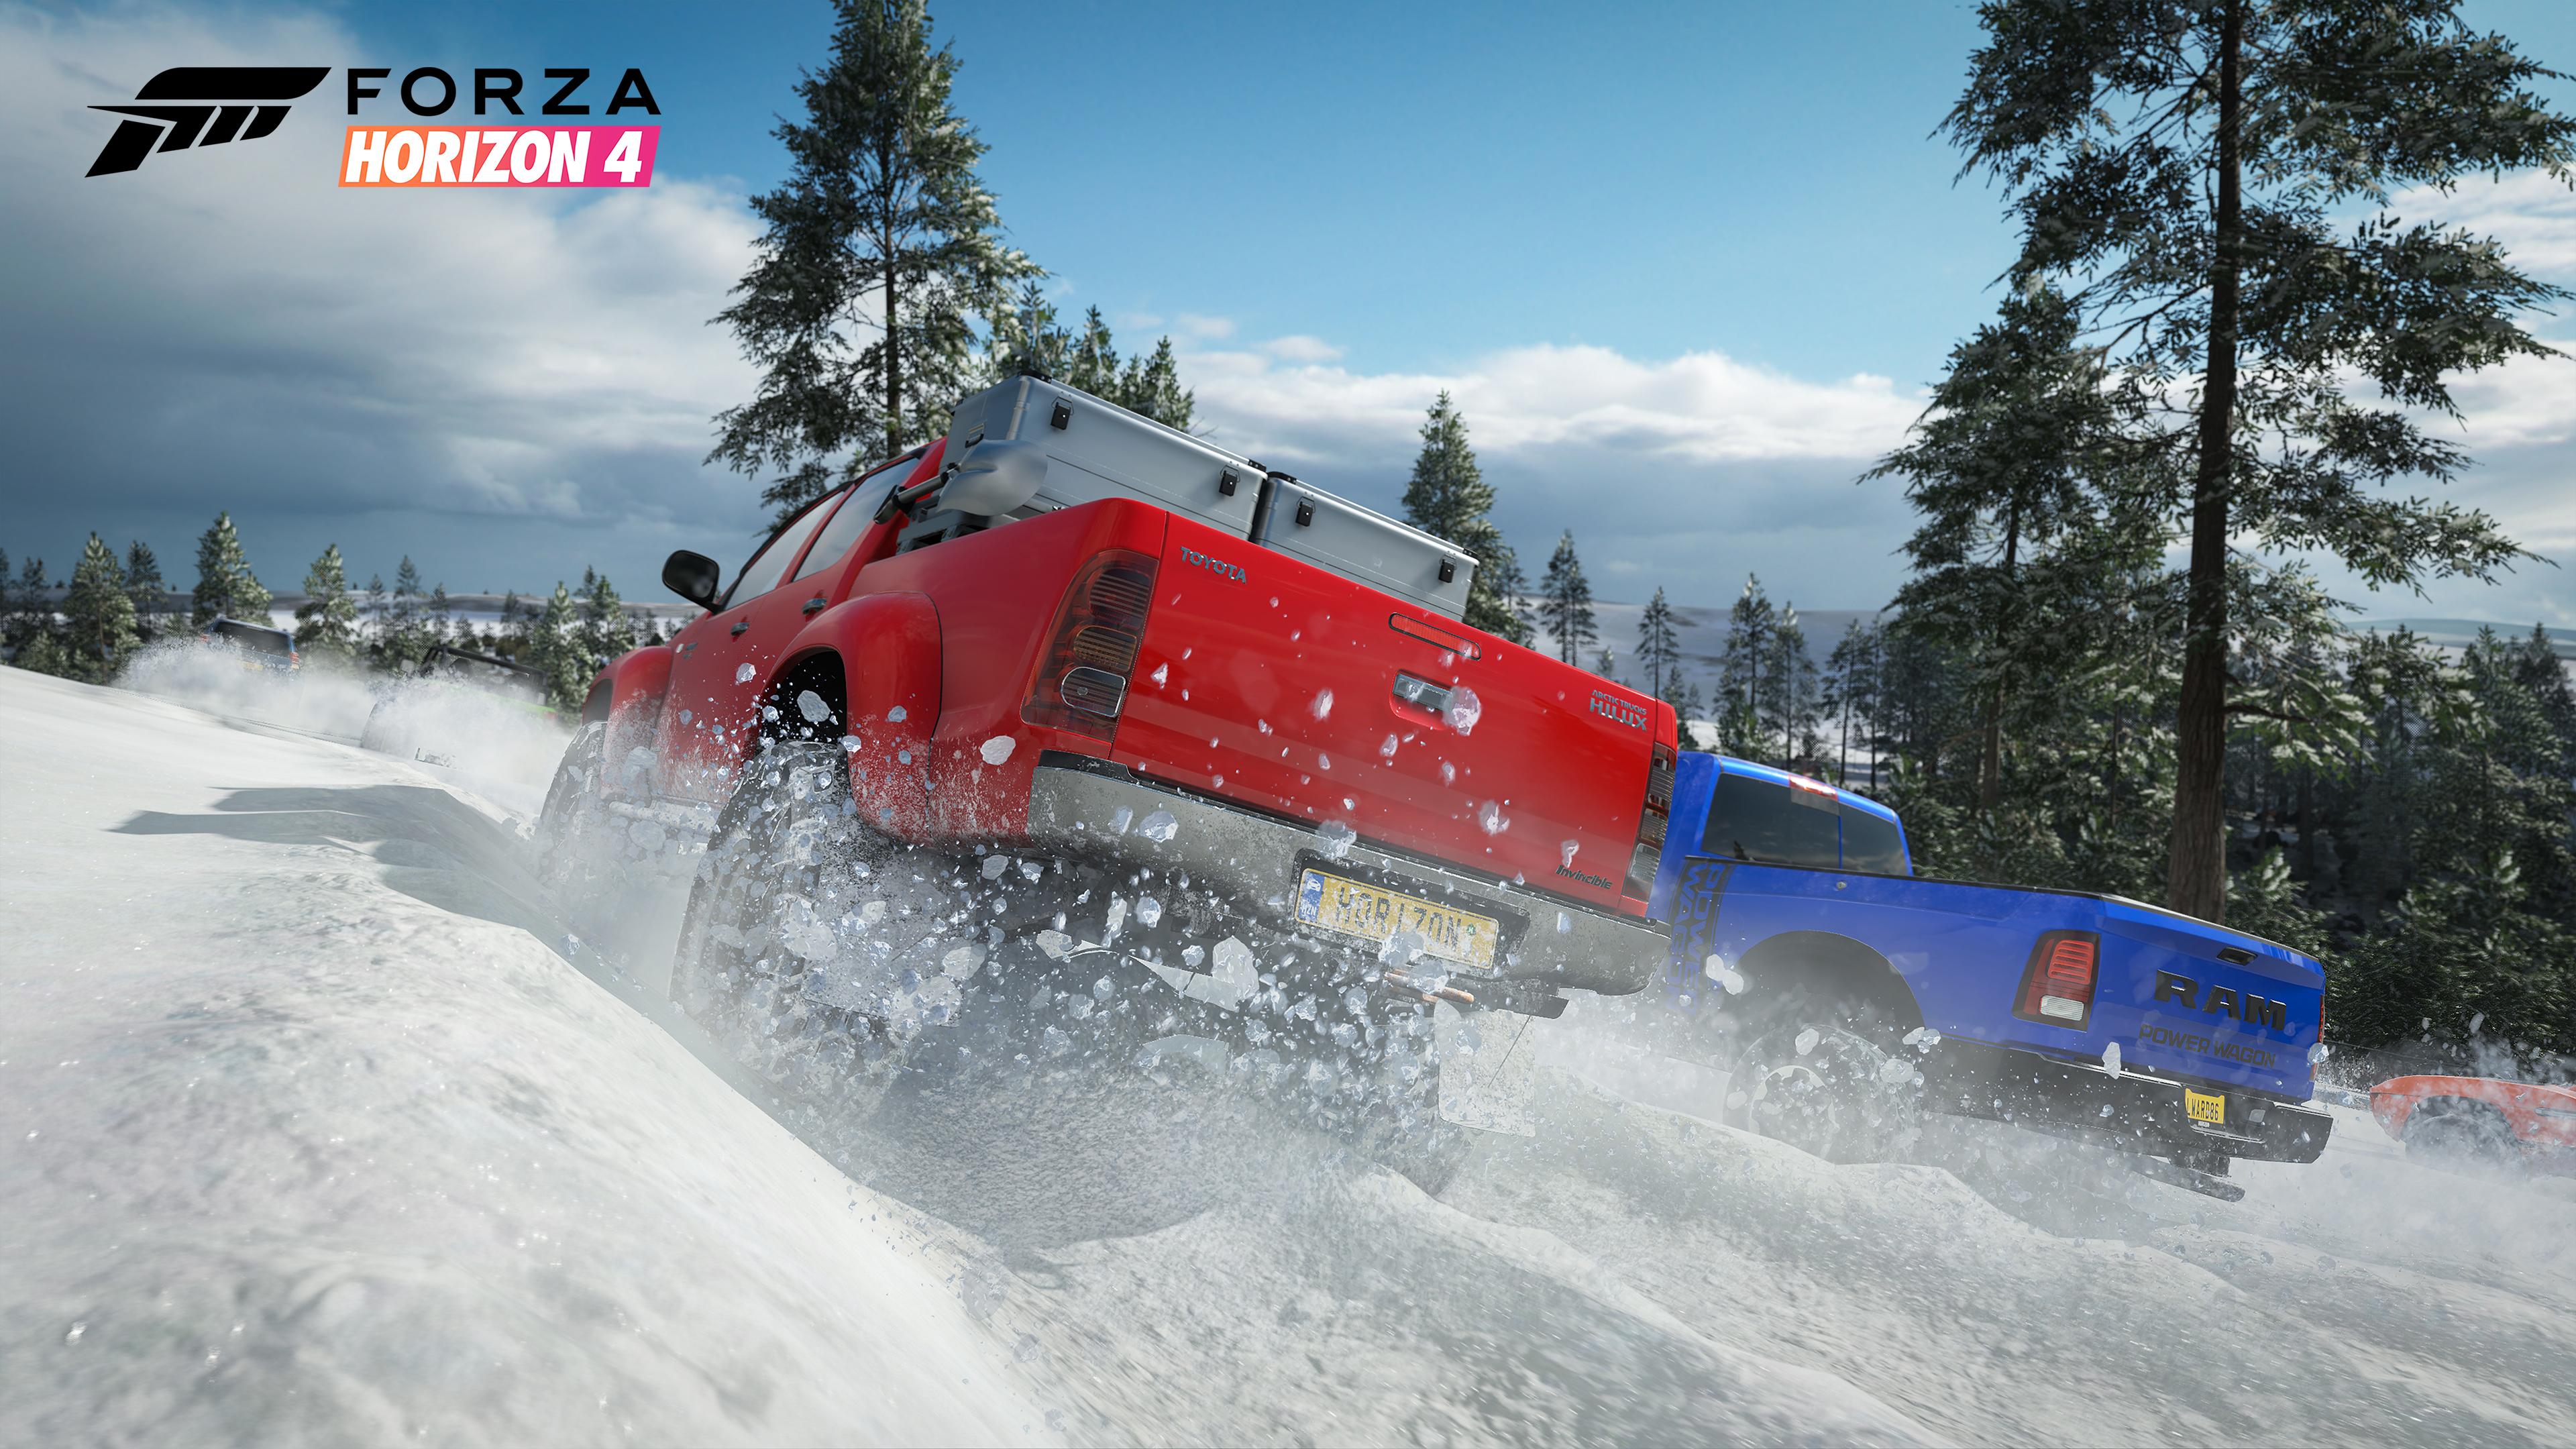 Rouler à fond de train dans la neige sera une expérience bien connue de la part des Québécois!